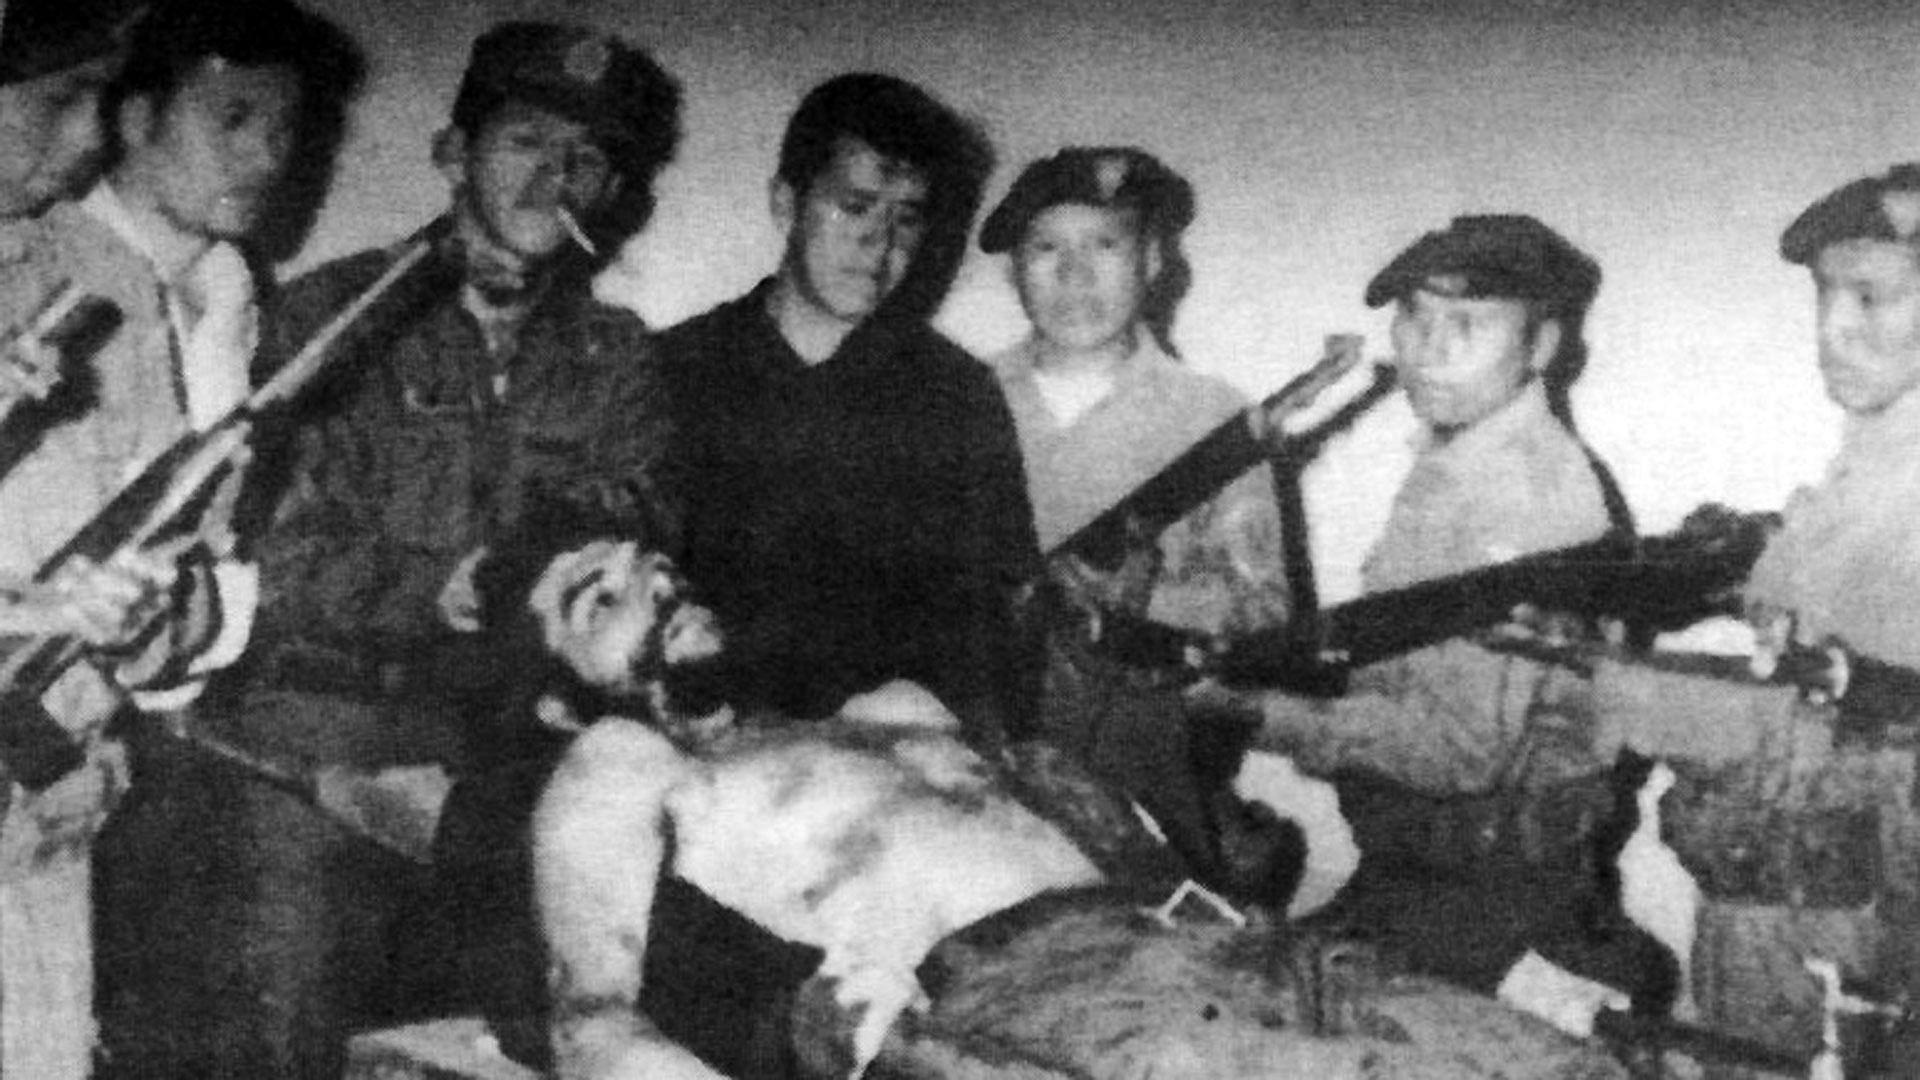 El cuerpo de Che Guevara tras su ejecución a manos del suboficial Mario Terán